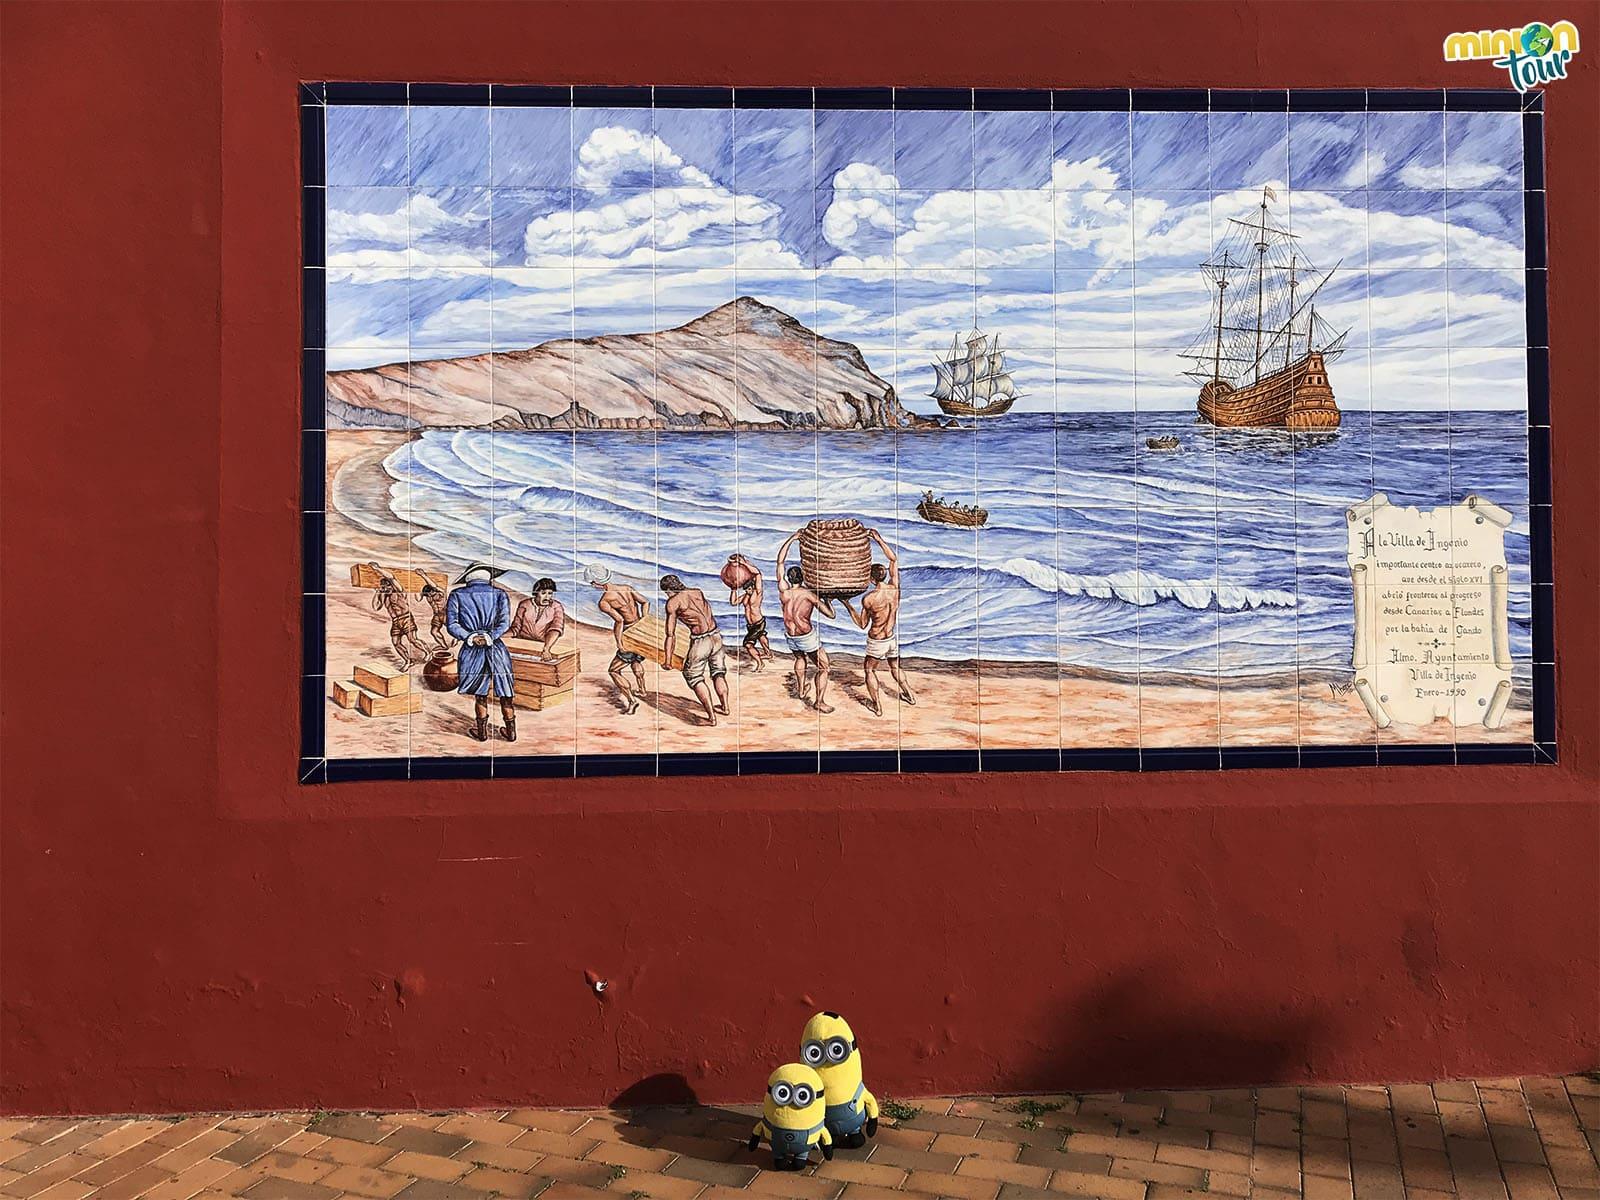 Paseando por las calles de Ingenio, un pueblo chulo de Gran Canaria